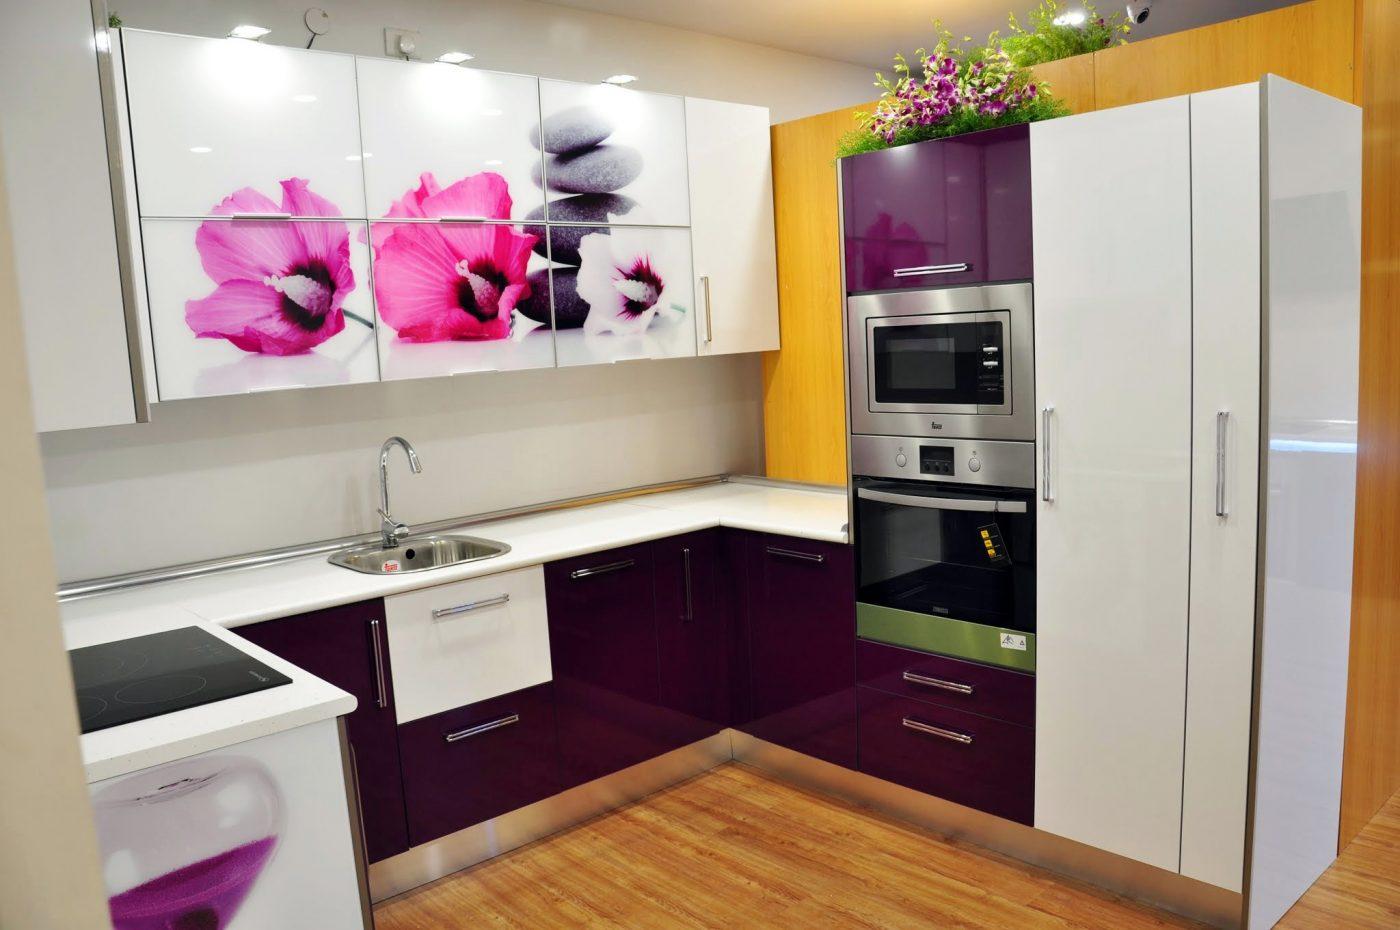 LUIGGI HOME fabrica un mueble personalizado, de alta calidad